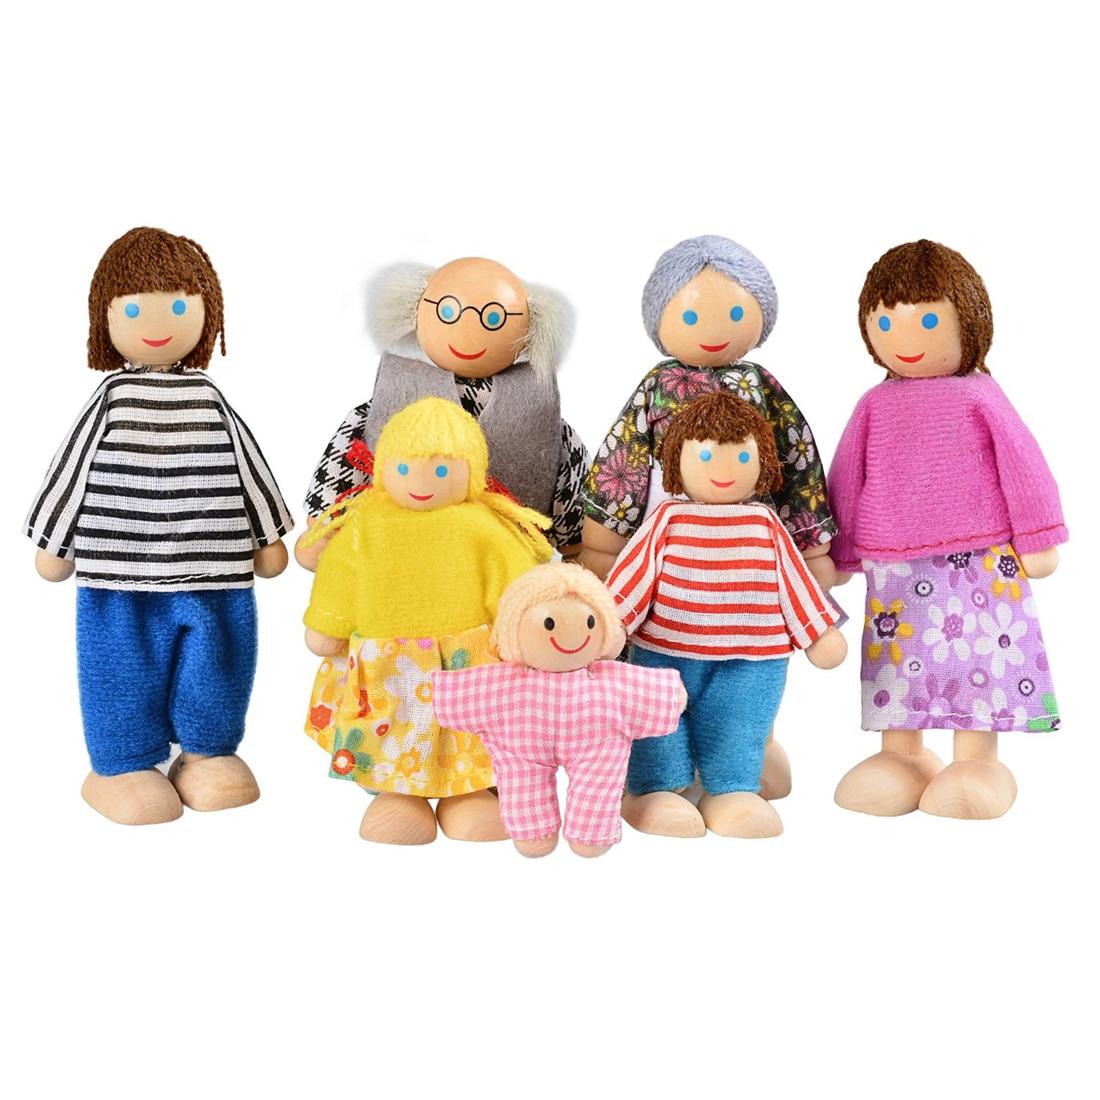 семья кукол картинки может быть